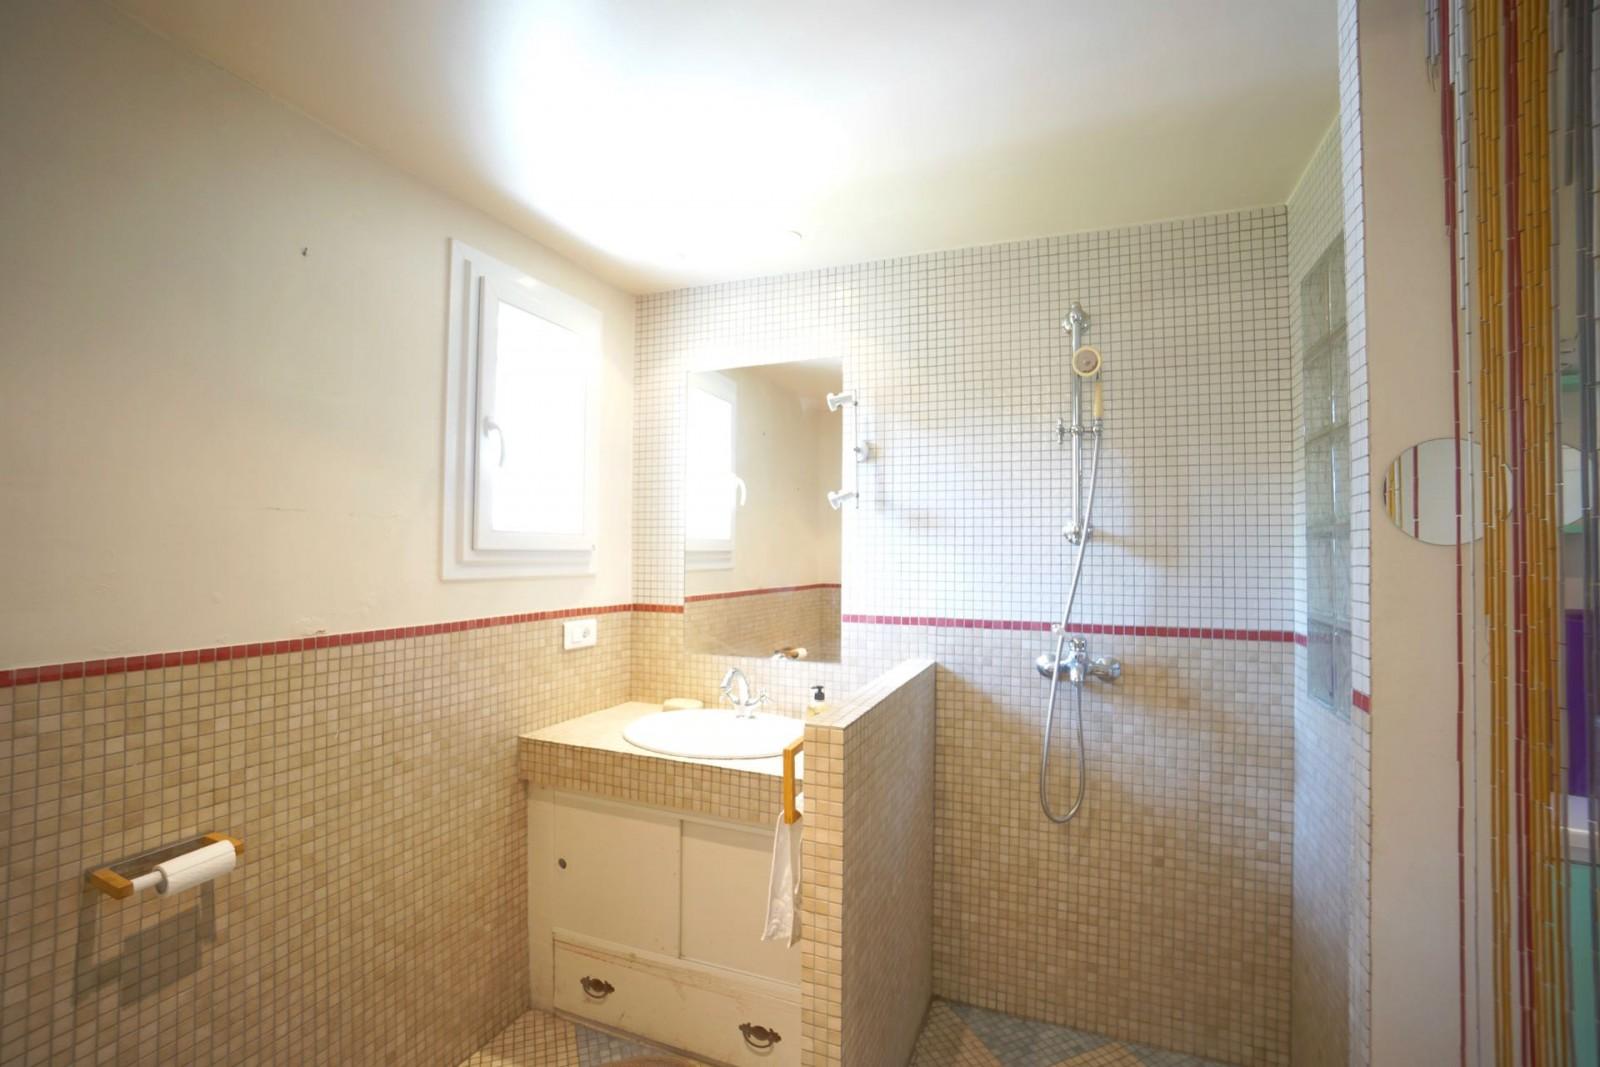 #6A492E VILLA DE CHARME PLAGES A PIED Agence OLAIZOLA  2893 plage de la petite chambre d'amour anglet 1600x1067 px @ aertt.com